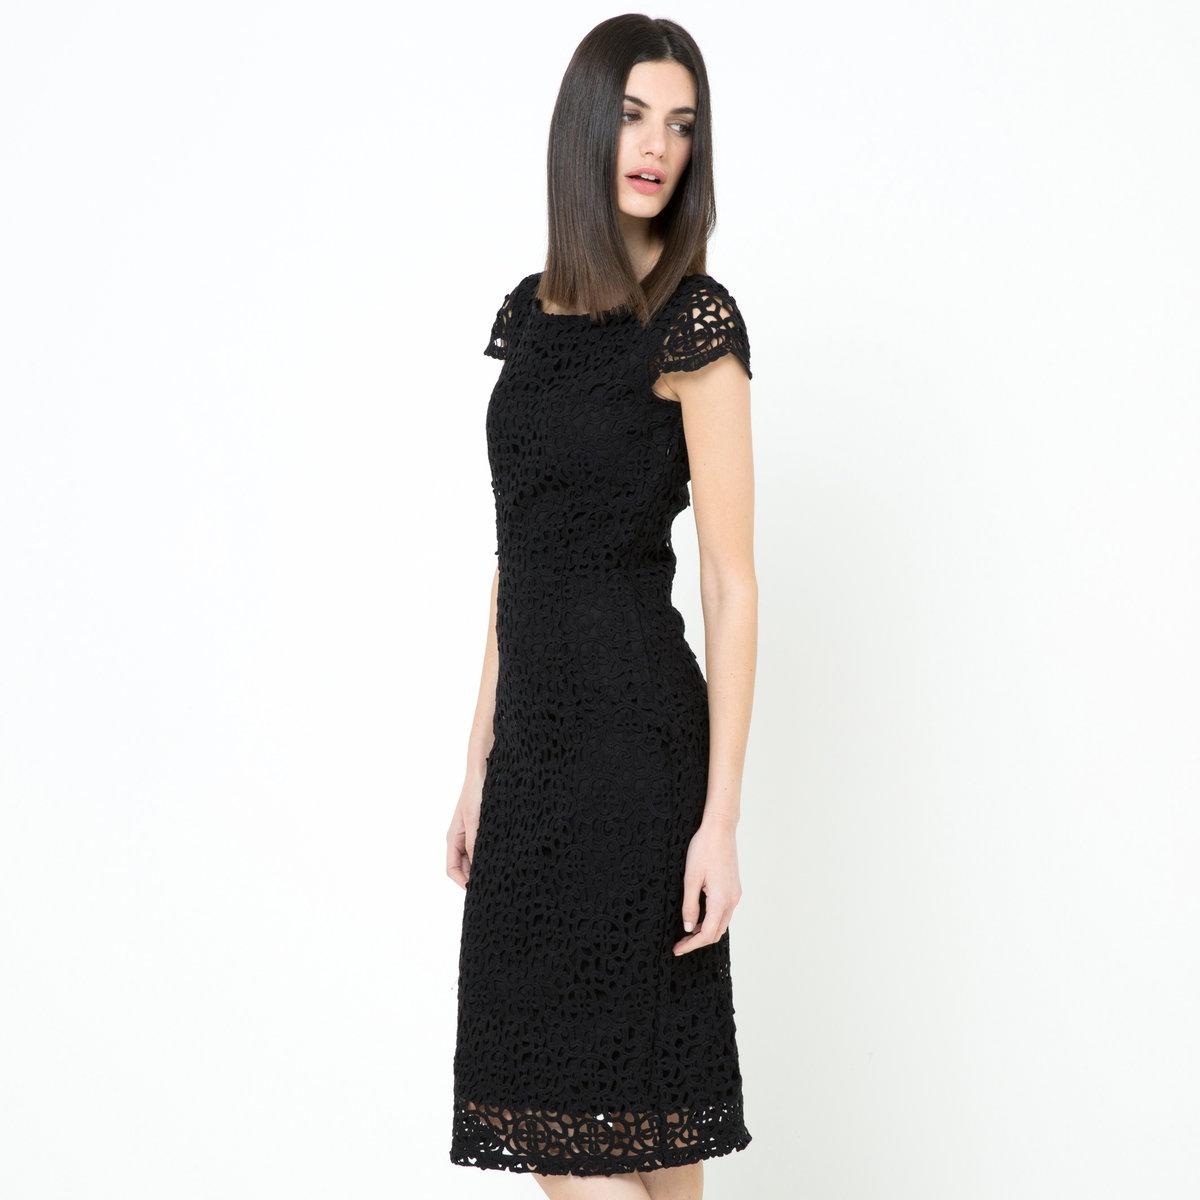 Платье-карандаш из гипюраПлатье из гипюра, 100% хлопка. Подкладка из хлопковой вуали. Вырез-лодочка. Короткие рукава. Застежка на скрытую молнию сзади. Длина ок.98 см.<br><br>Цвет: черный